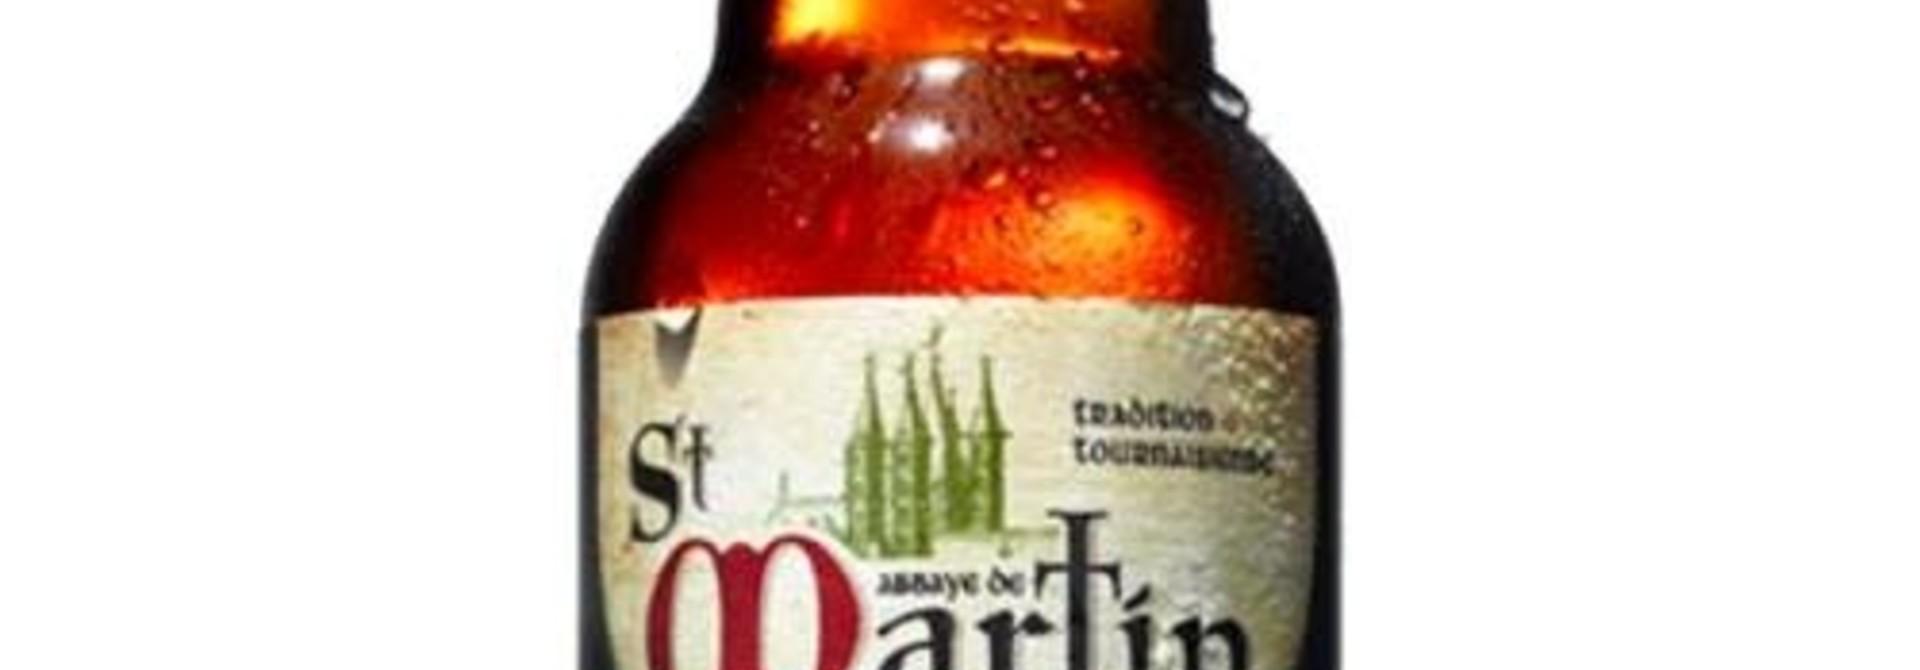 ABDIJ VAN ST. MARTIN TRIPEL 33CL